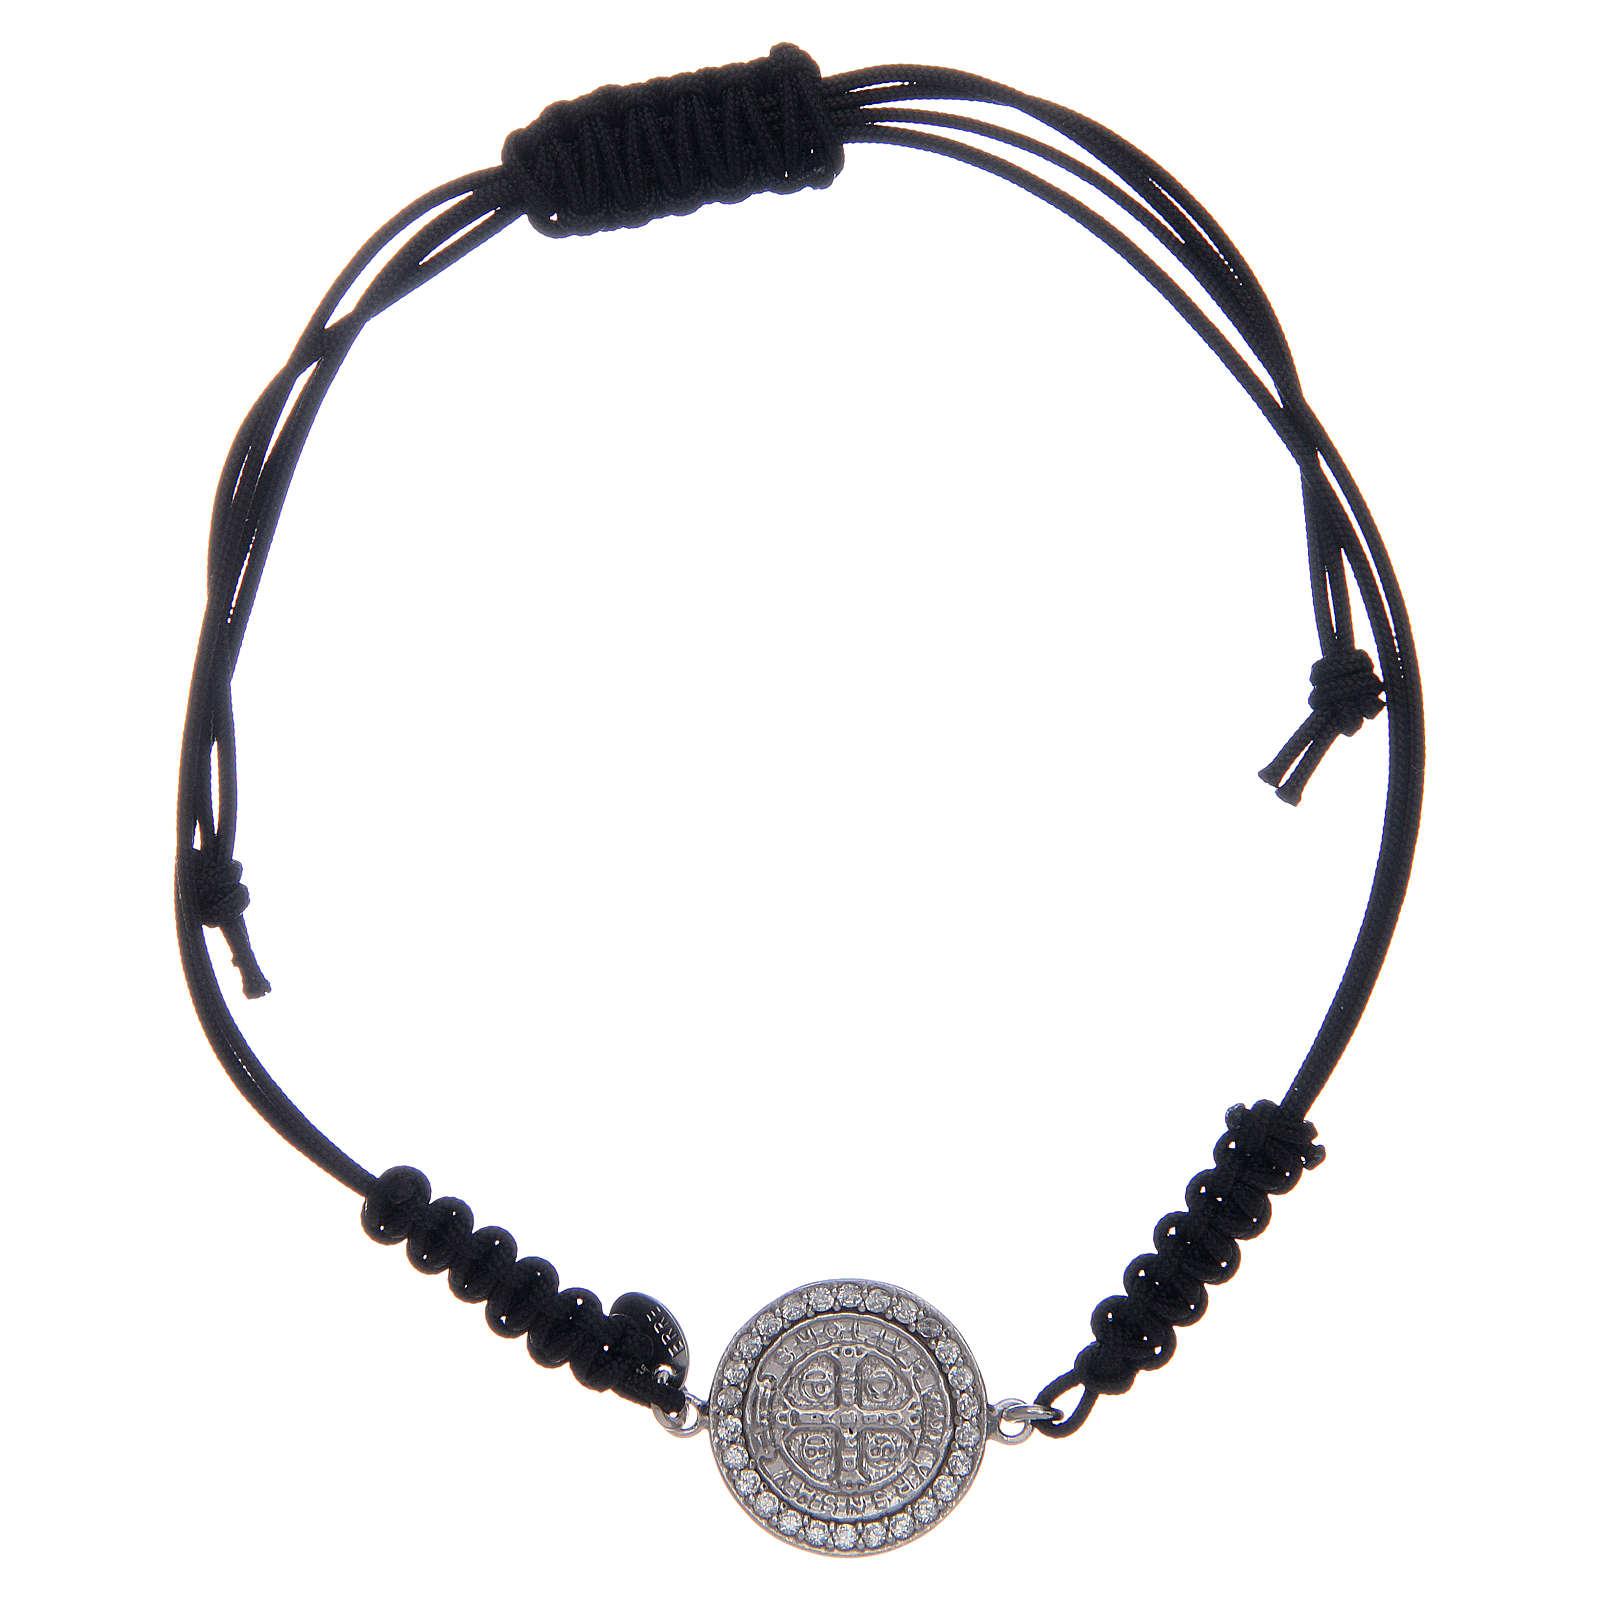 Bracelet corde argent 925 St Benoît argenté zircons blancs 4